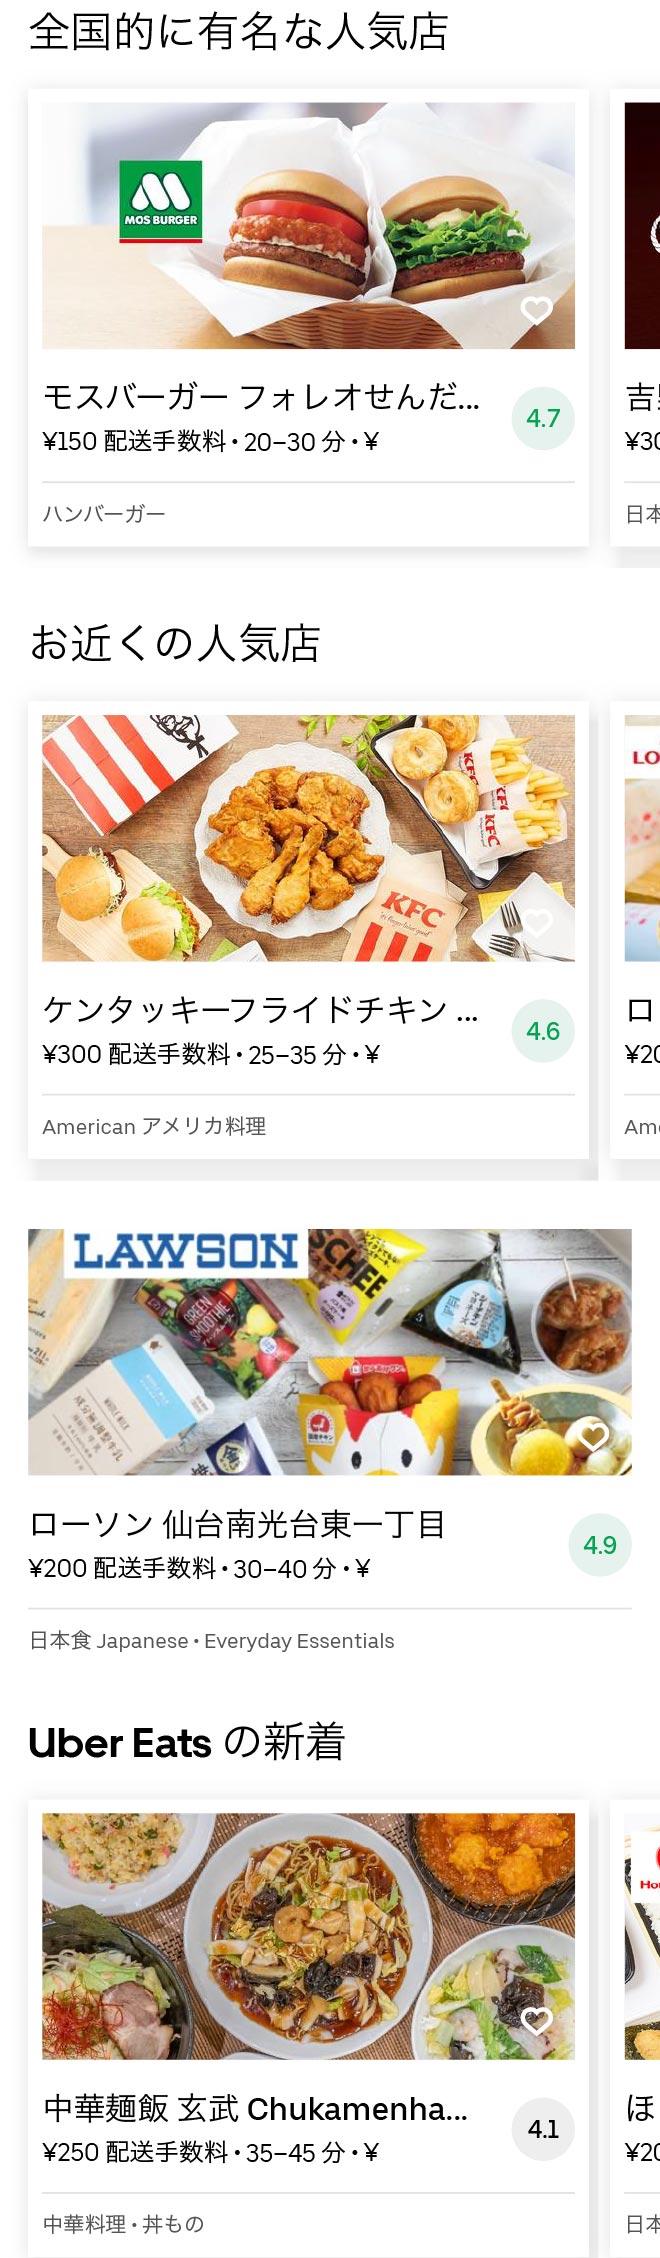 Higashi sendai menu 2008 01